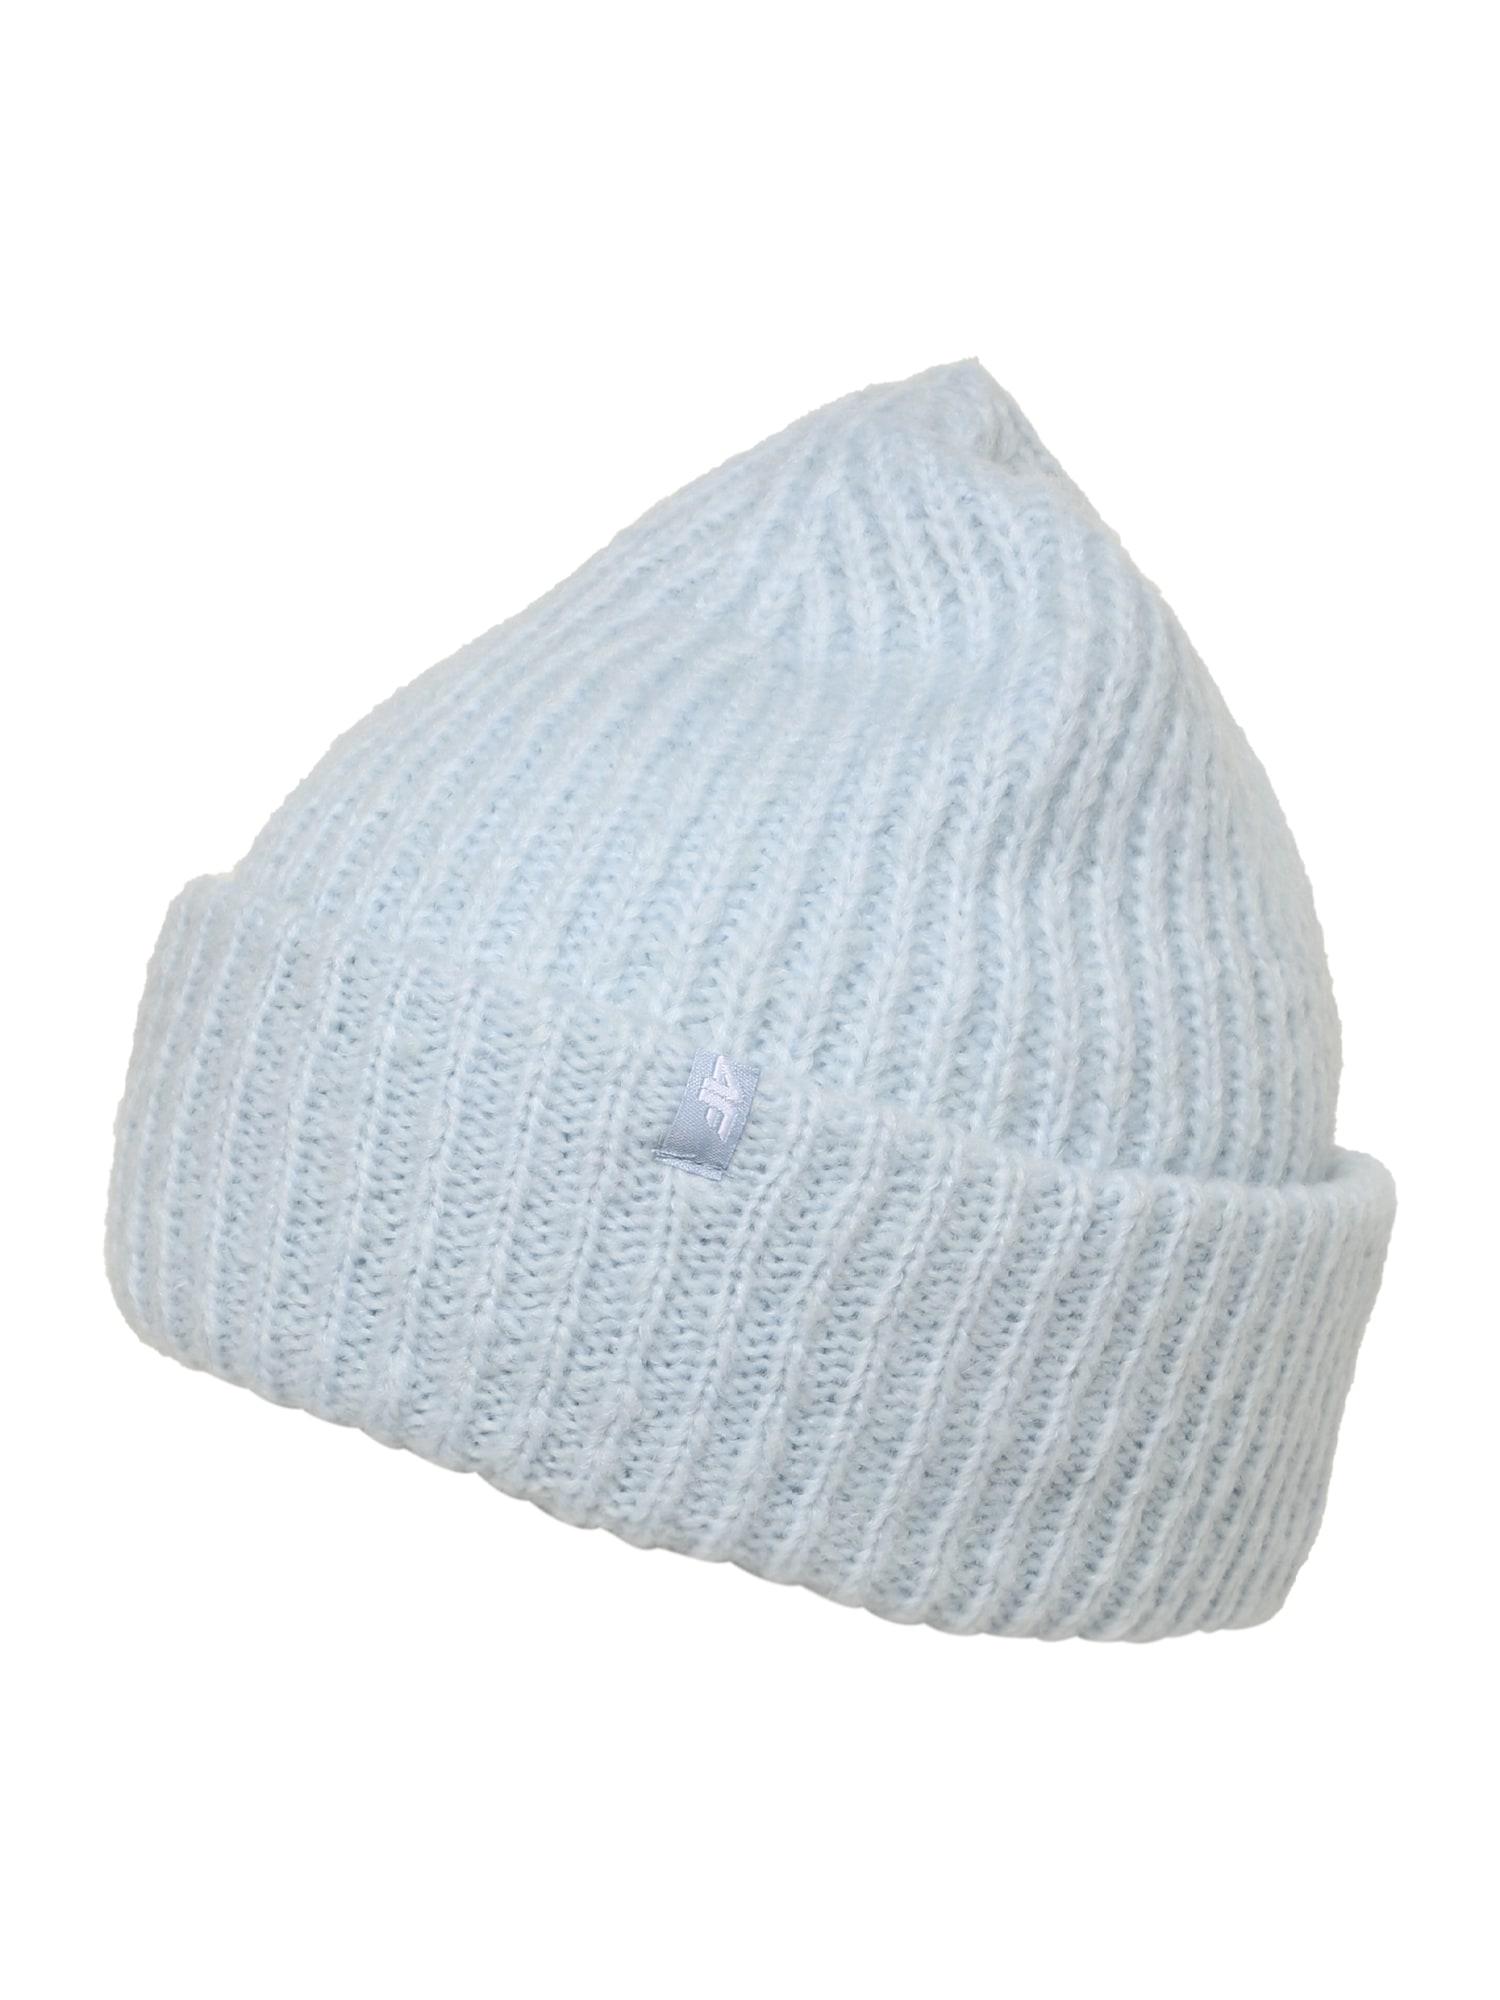 4F Sportinė kepurė azuro